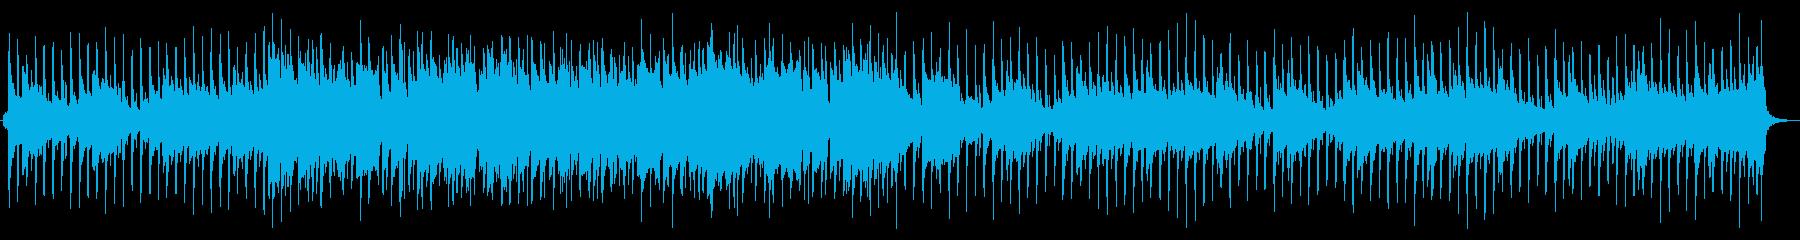 始まりを予感させる爽やかなBGMの再生済みの波形